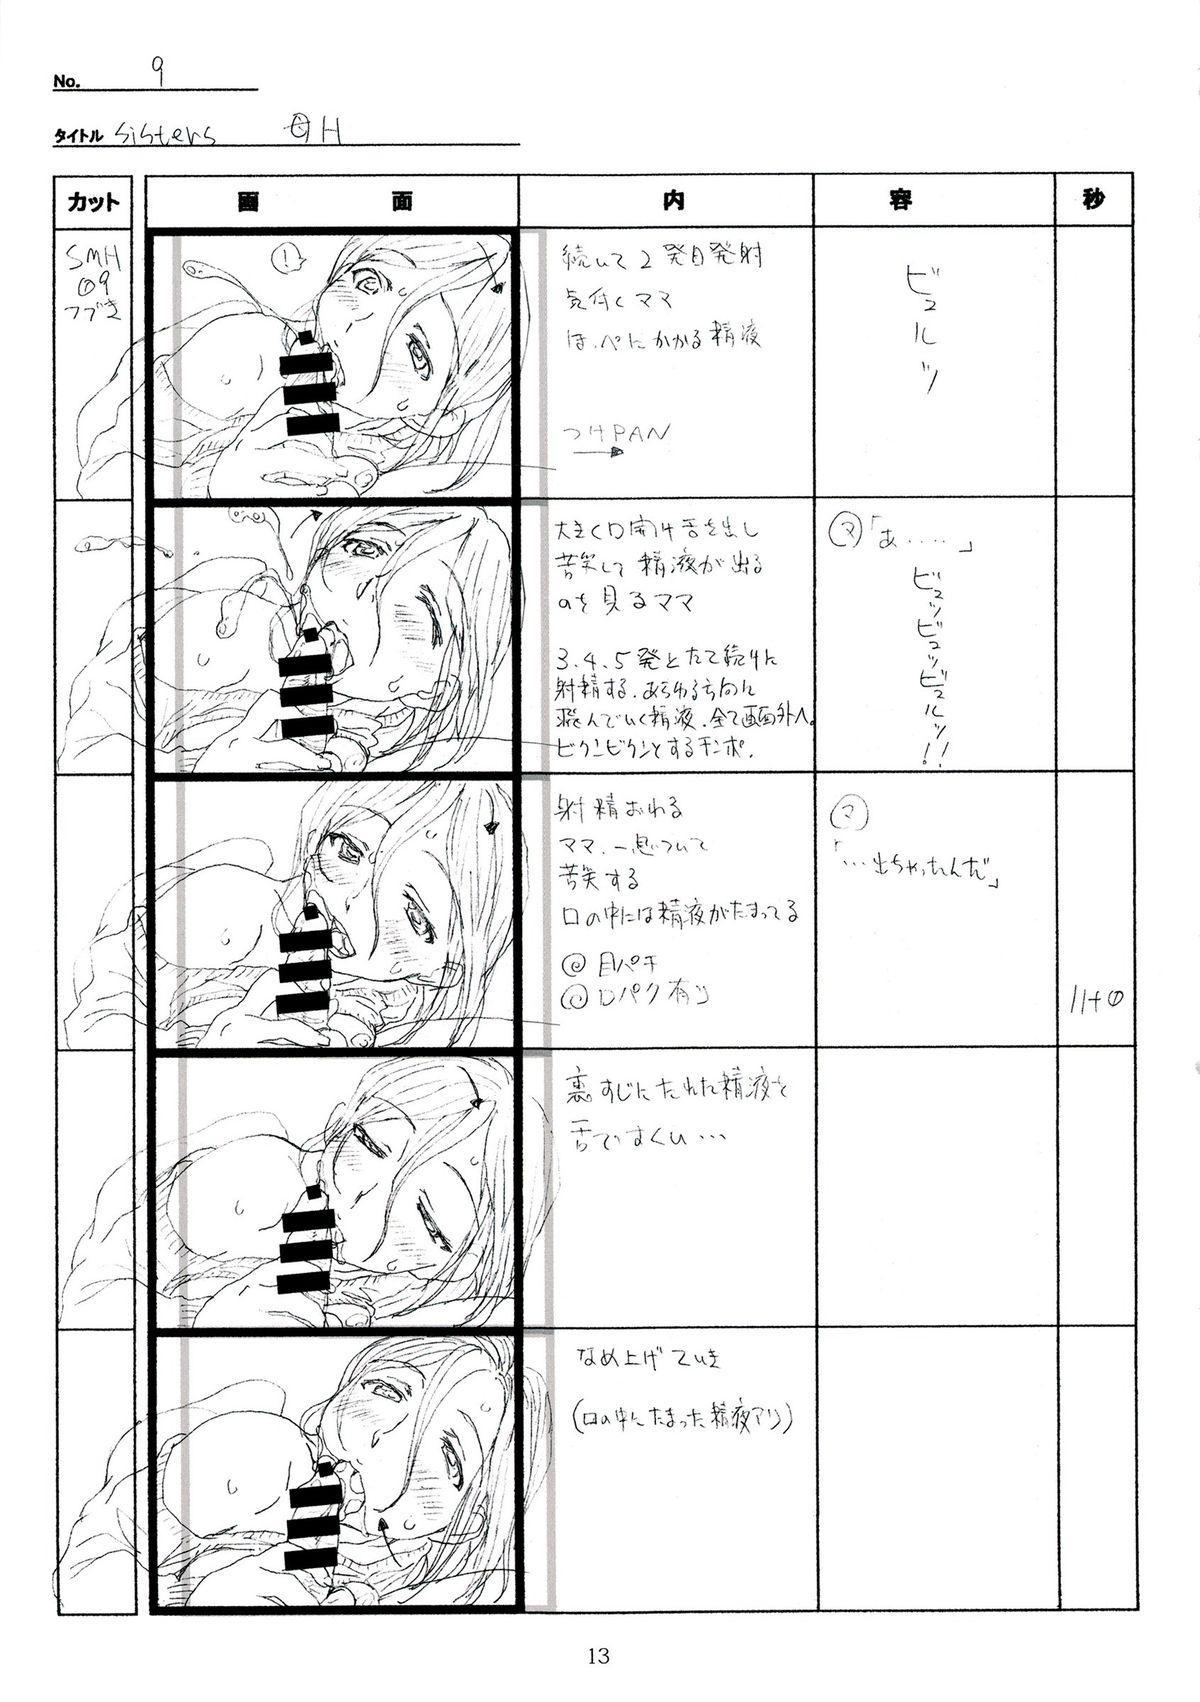 (C89) [Makino Jimusho (Taki Minashika)] SISTERS -Natsu no Saigo no Hi- H Scene All Part Storyboard (SISTERS -Natsu no Saigo no Hi-) 12